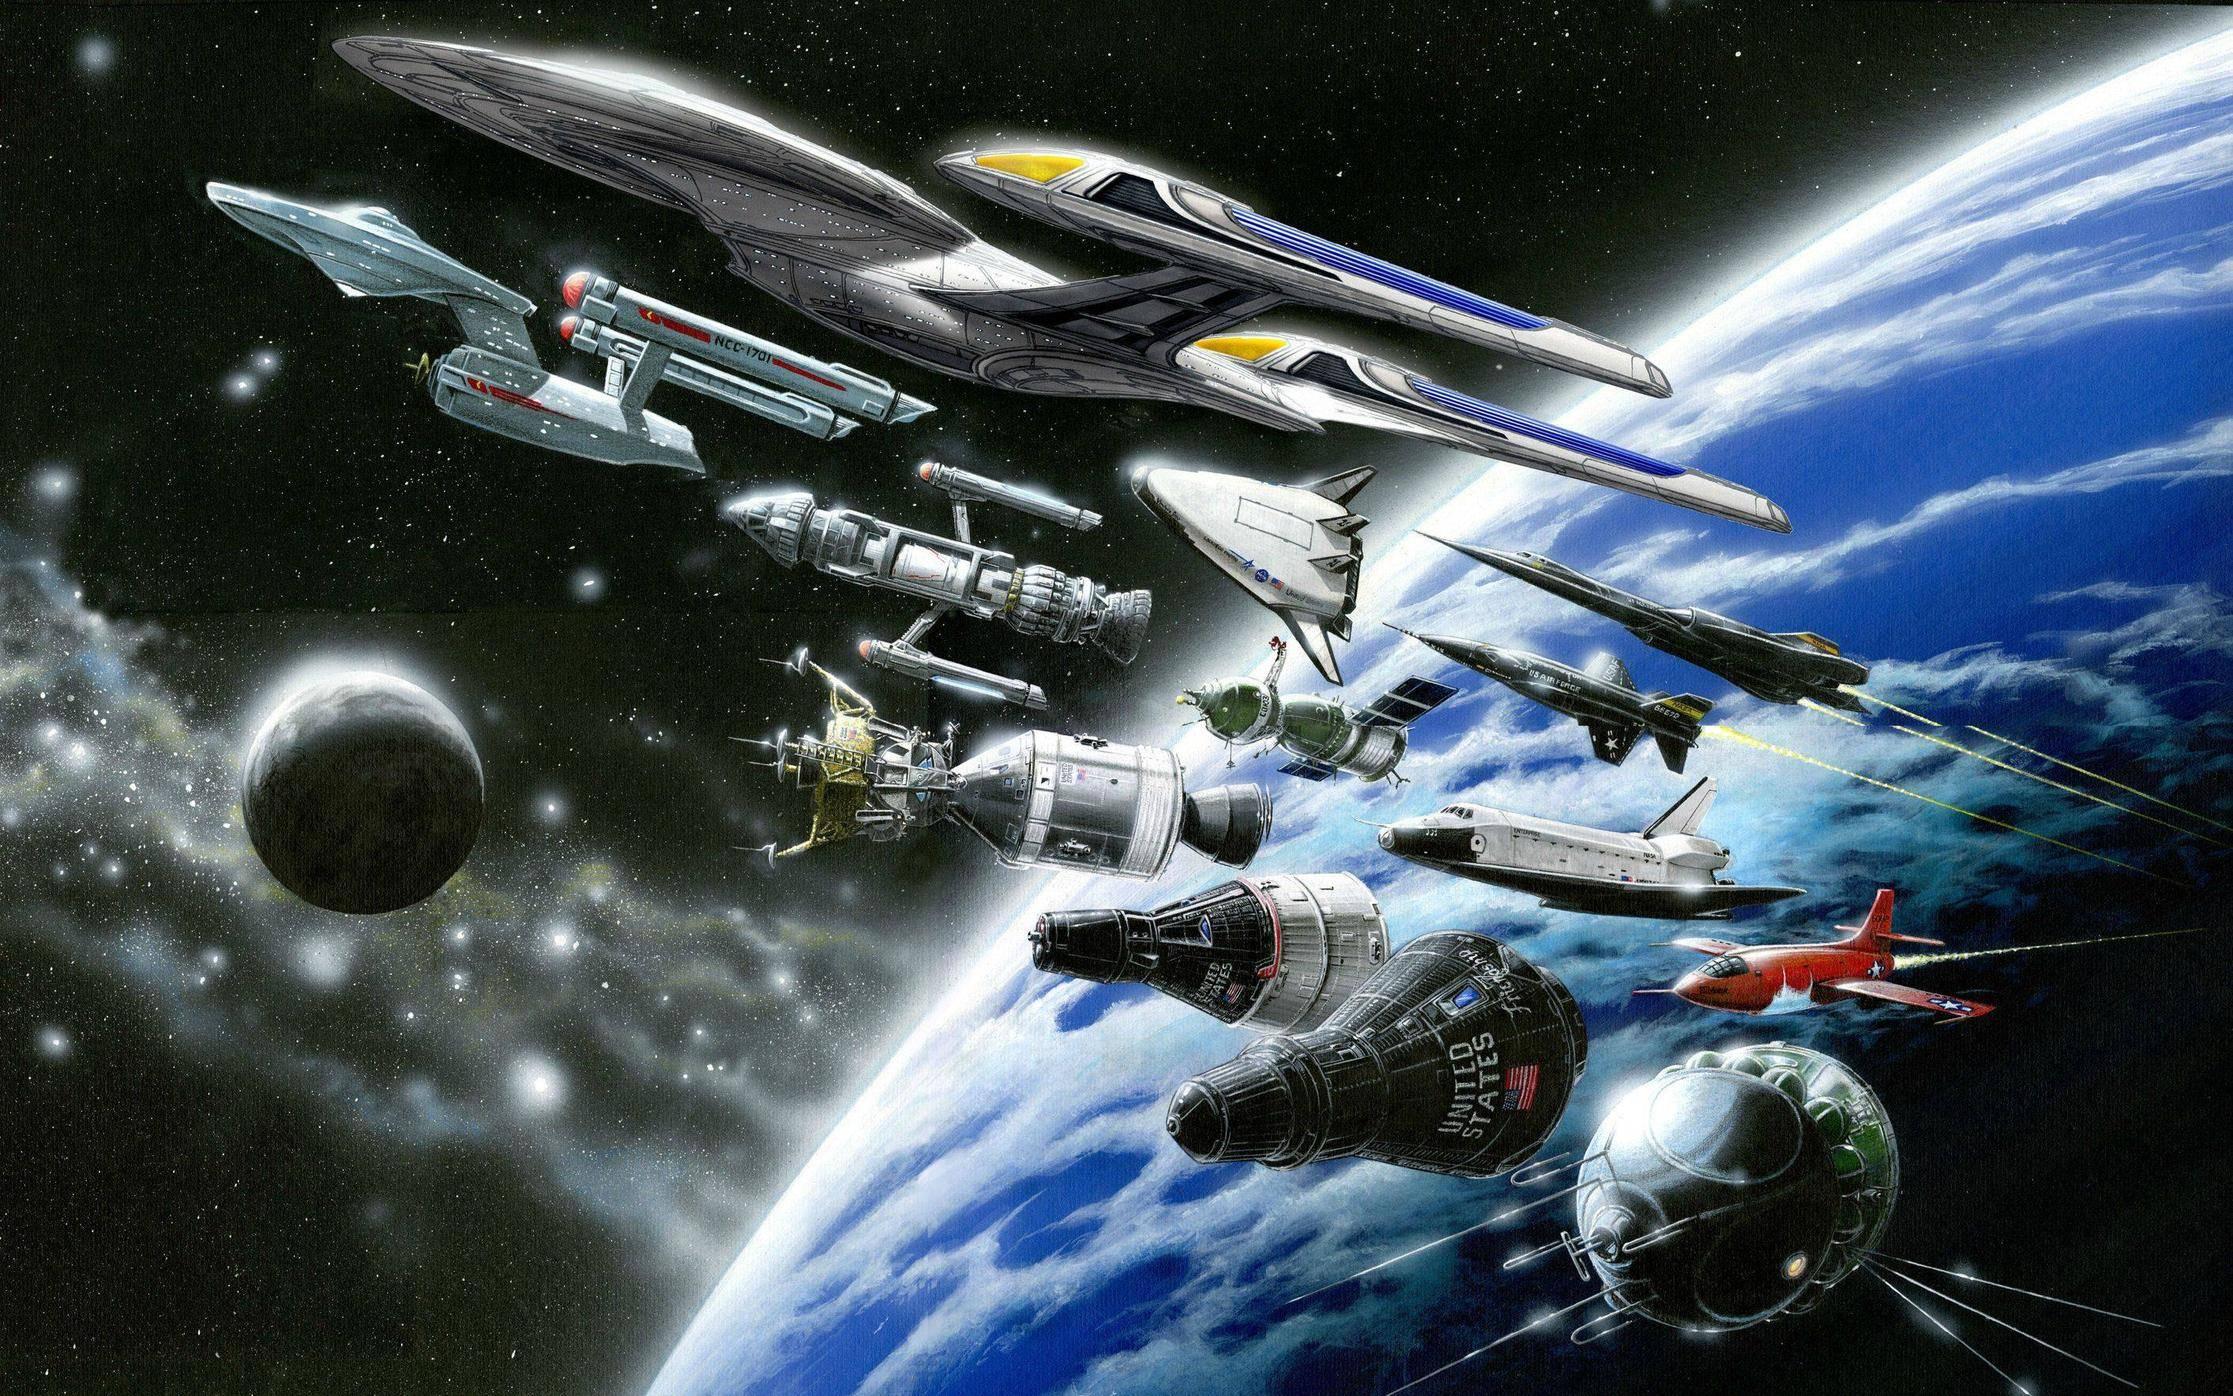 Star Trek Wallpapers High Resolution 2233x1396